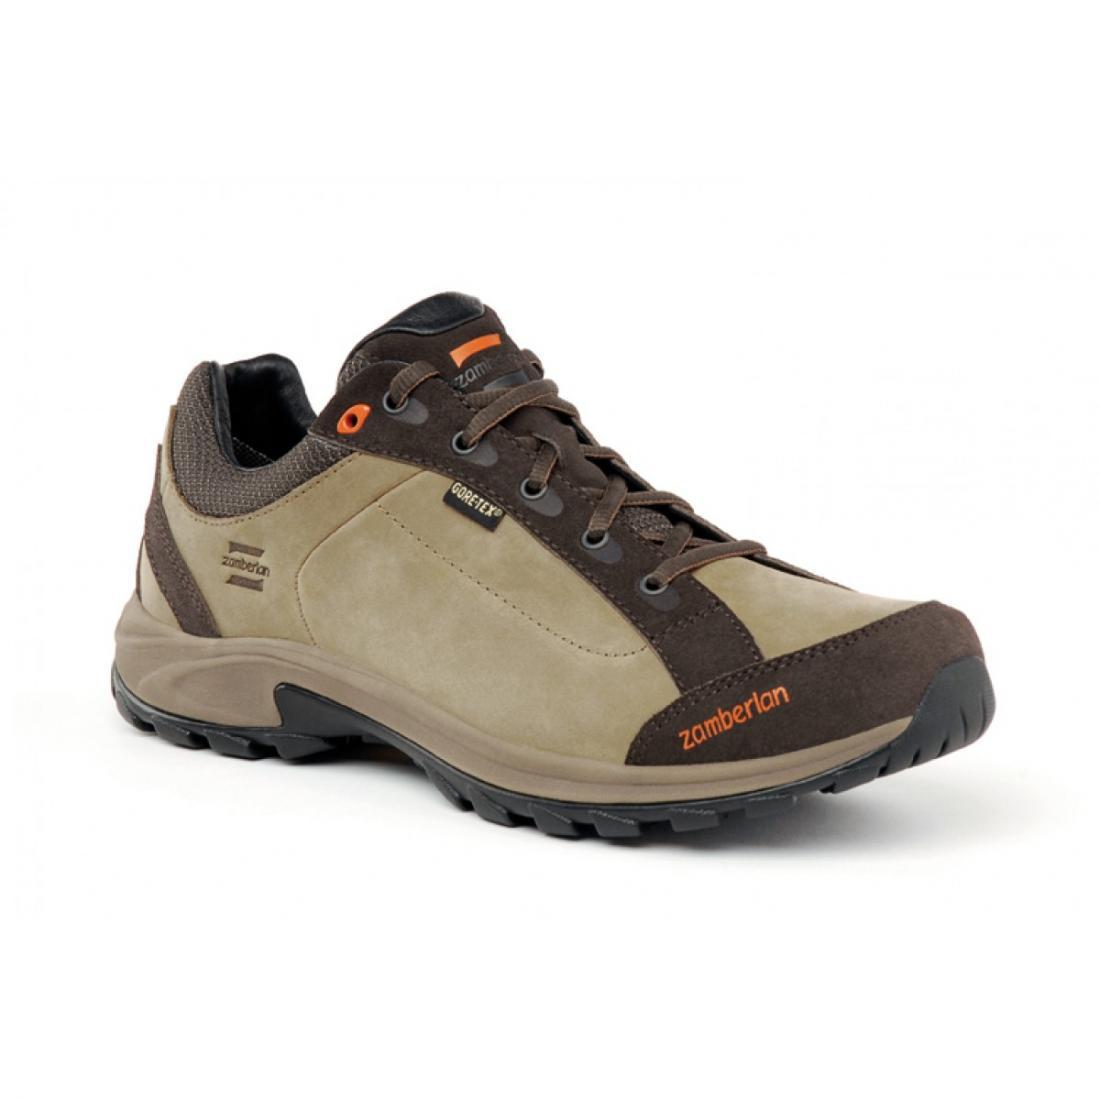 Ботинки 241 VISTA GTXТреккинговые<br><br><br>Цвет: Коричневый<br>Размер: 46.5